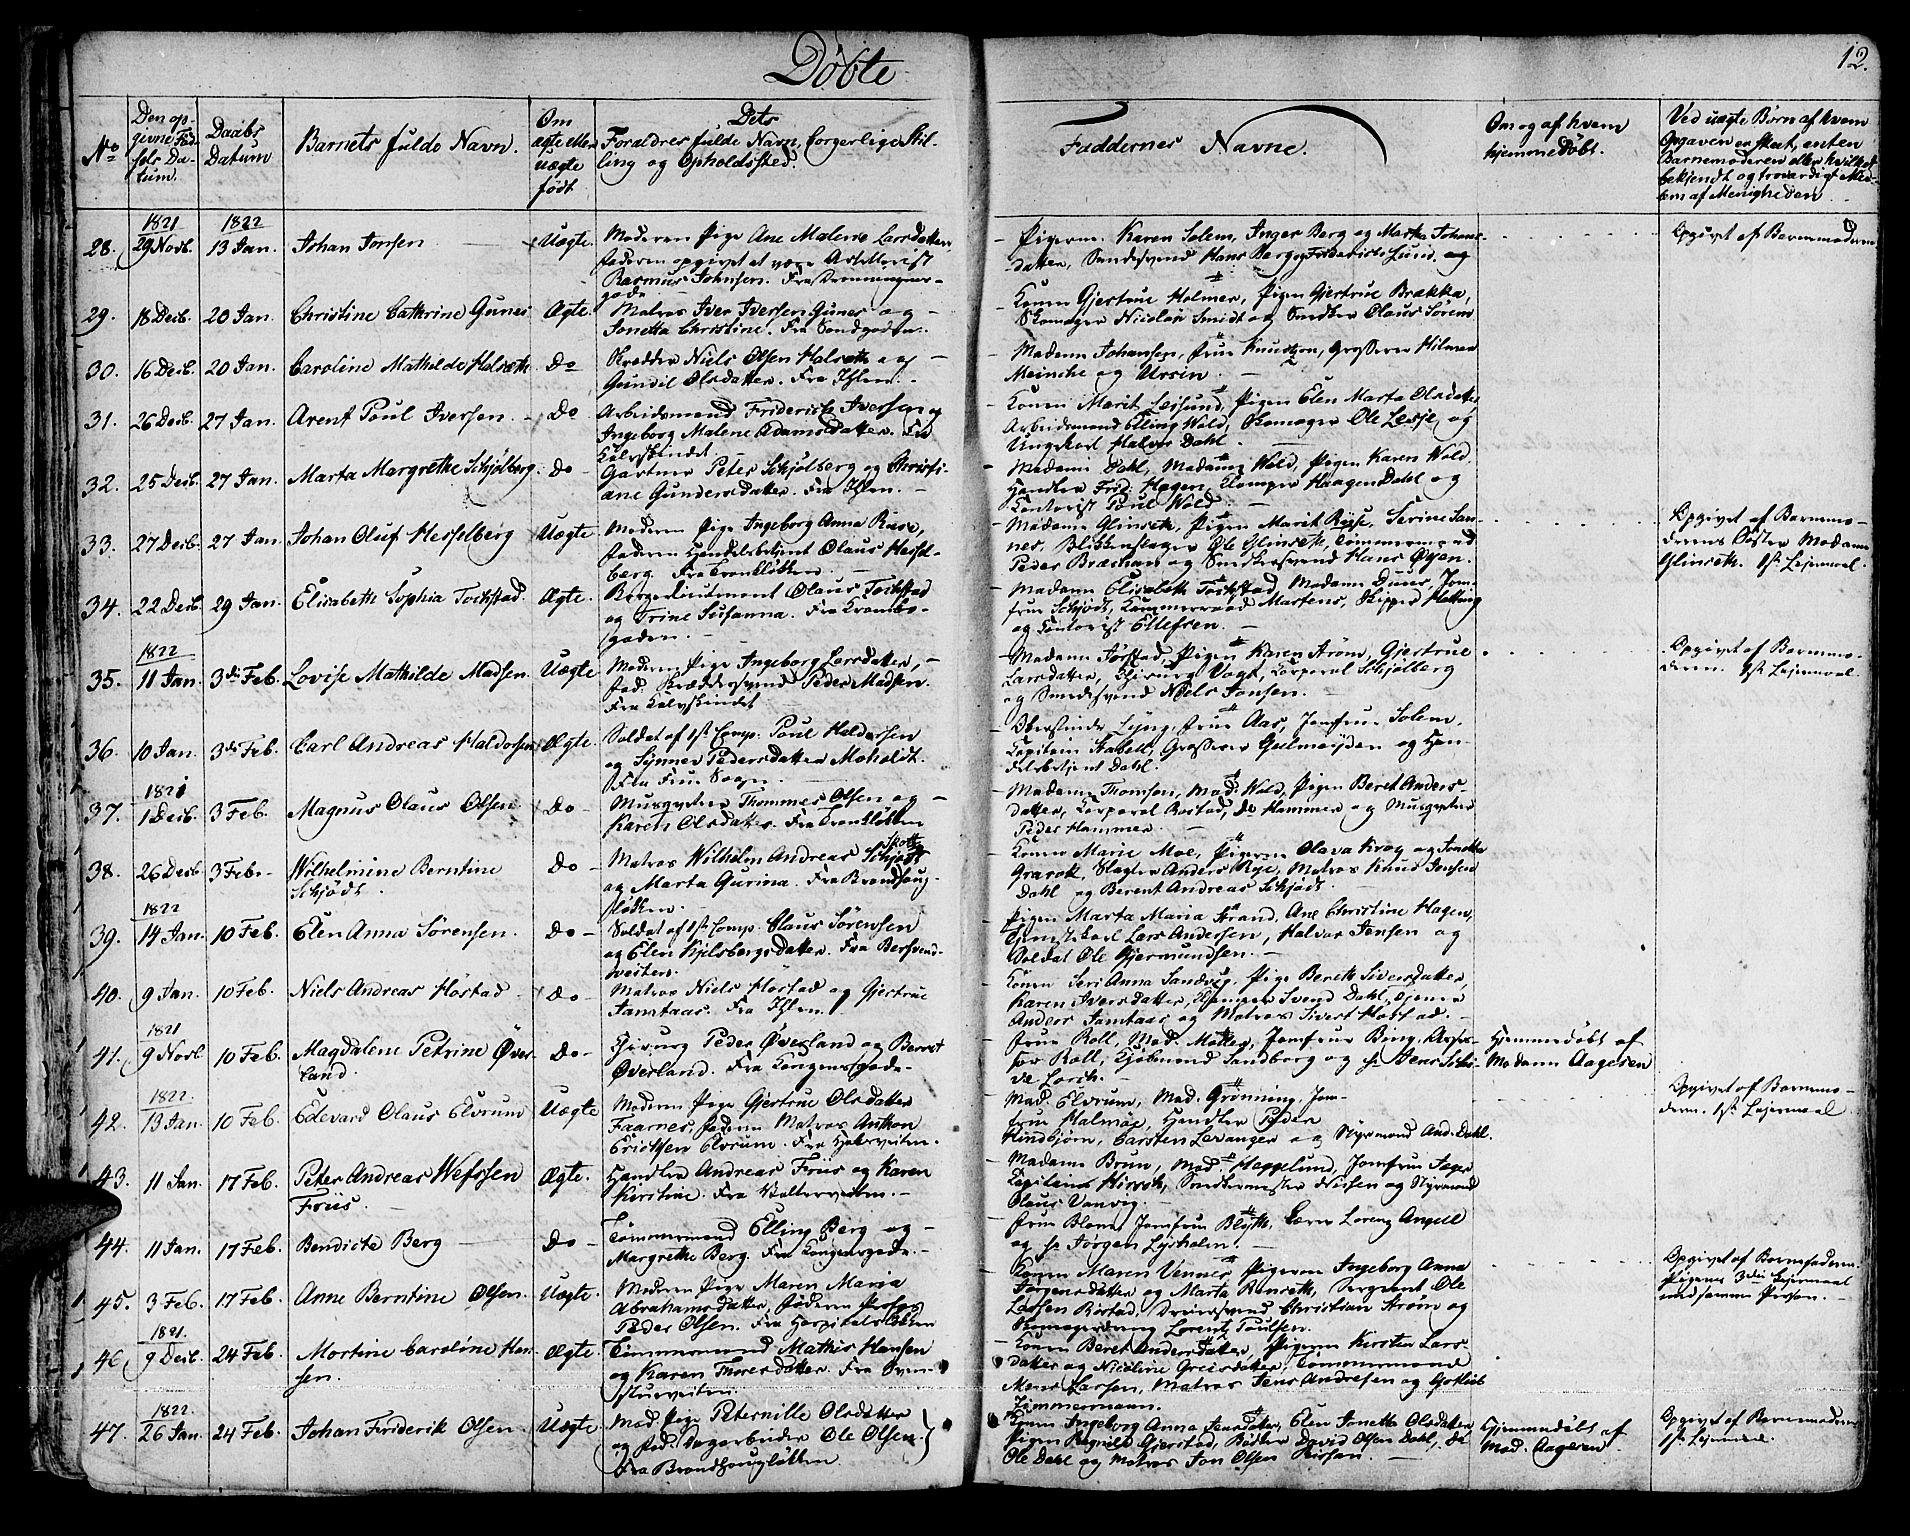 SAT, Ministerialprotokoller, klokkerbøker og fødselsregistre - Sør-Trøndelag, 601/L0045: Ministerialbok nr. 601A13, 1821-1831, s. 12